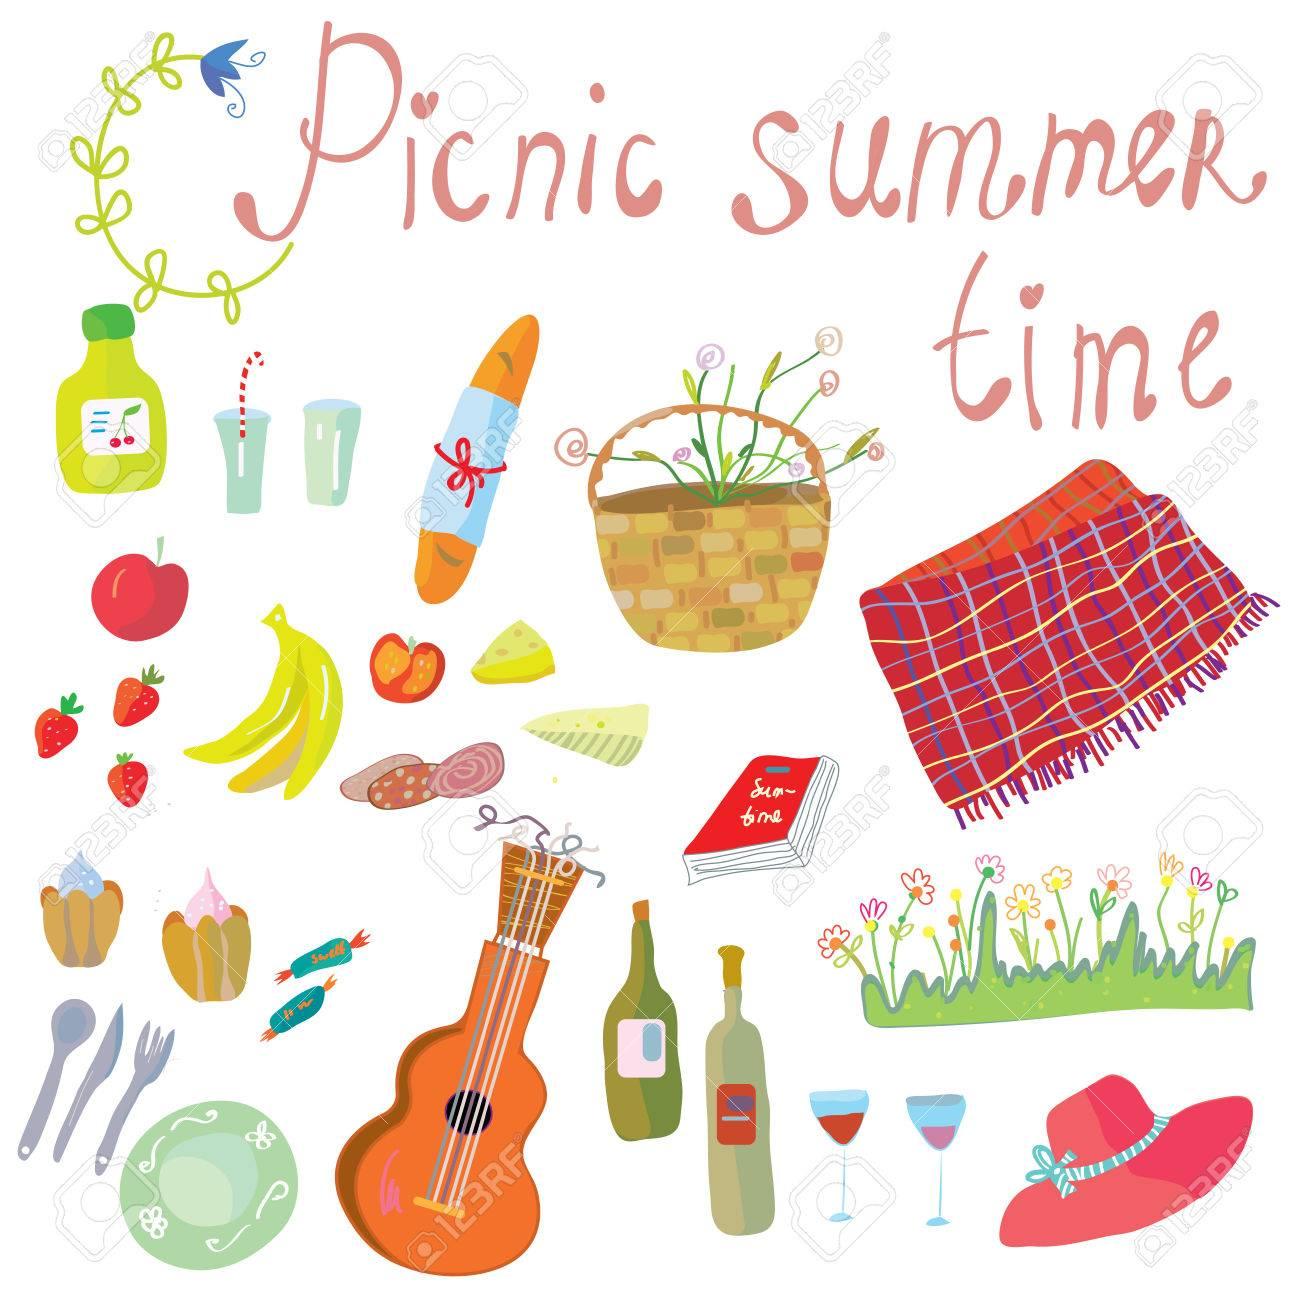 ロマンチックな夏の日のかわいいイラストのピクニック オブジェクトの